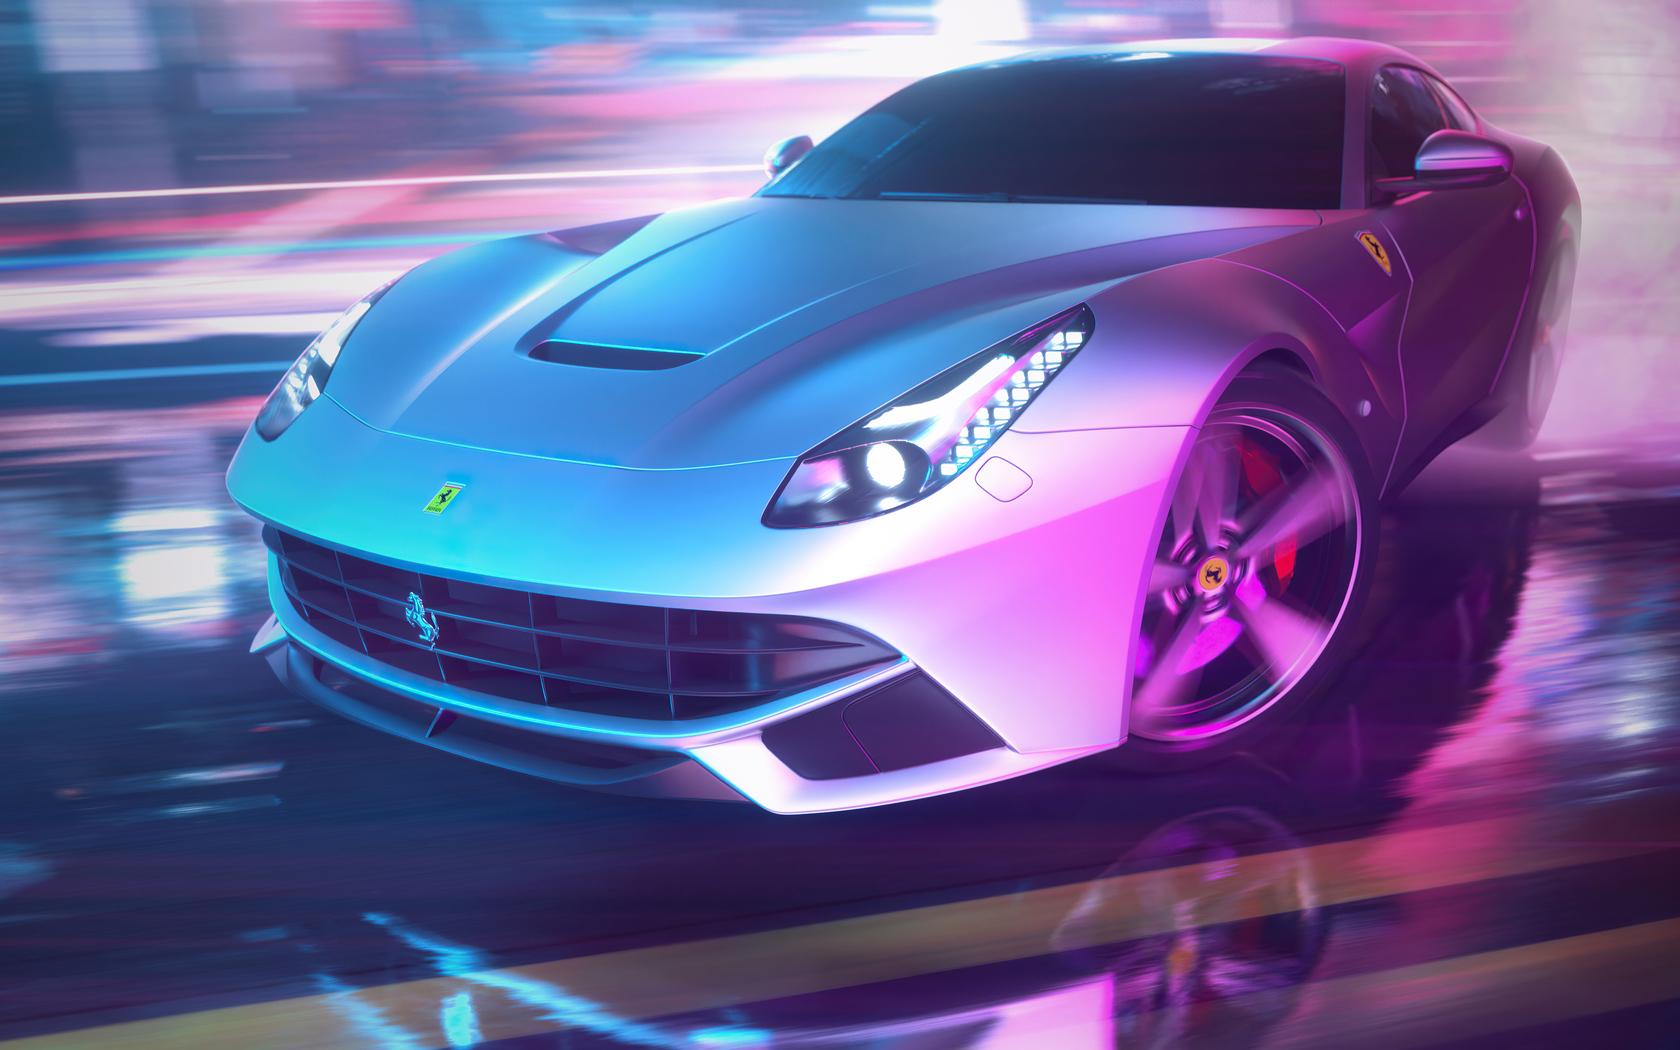 1680x1050 Drifting Ferrari Neon Streets 4k 1680x1050 ...